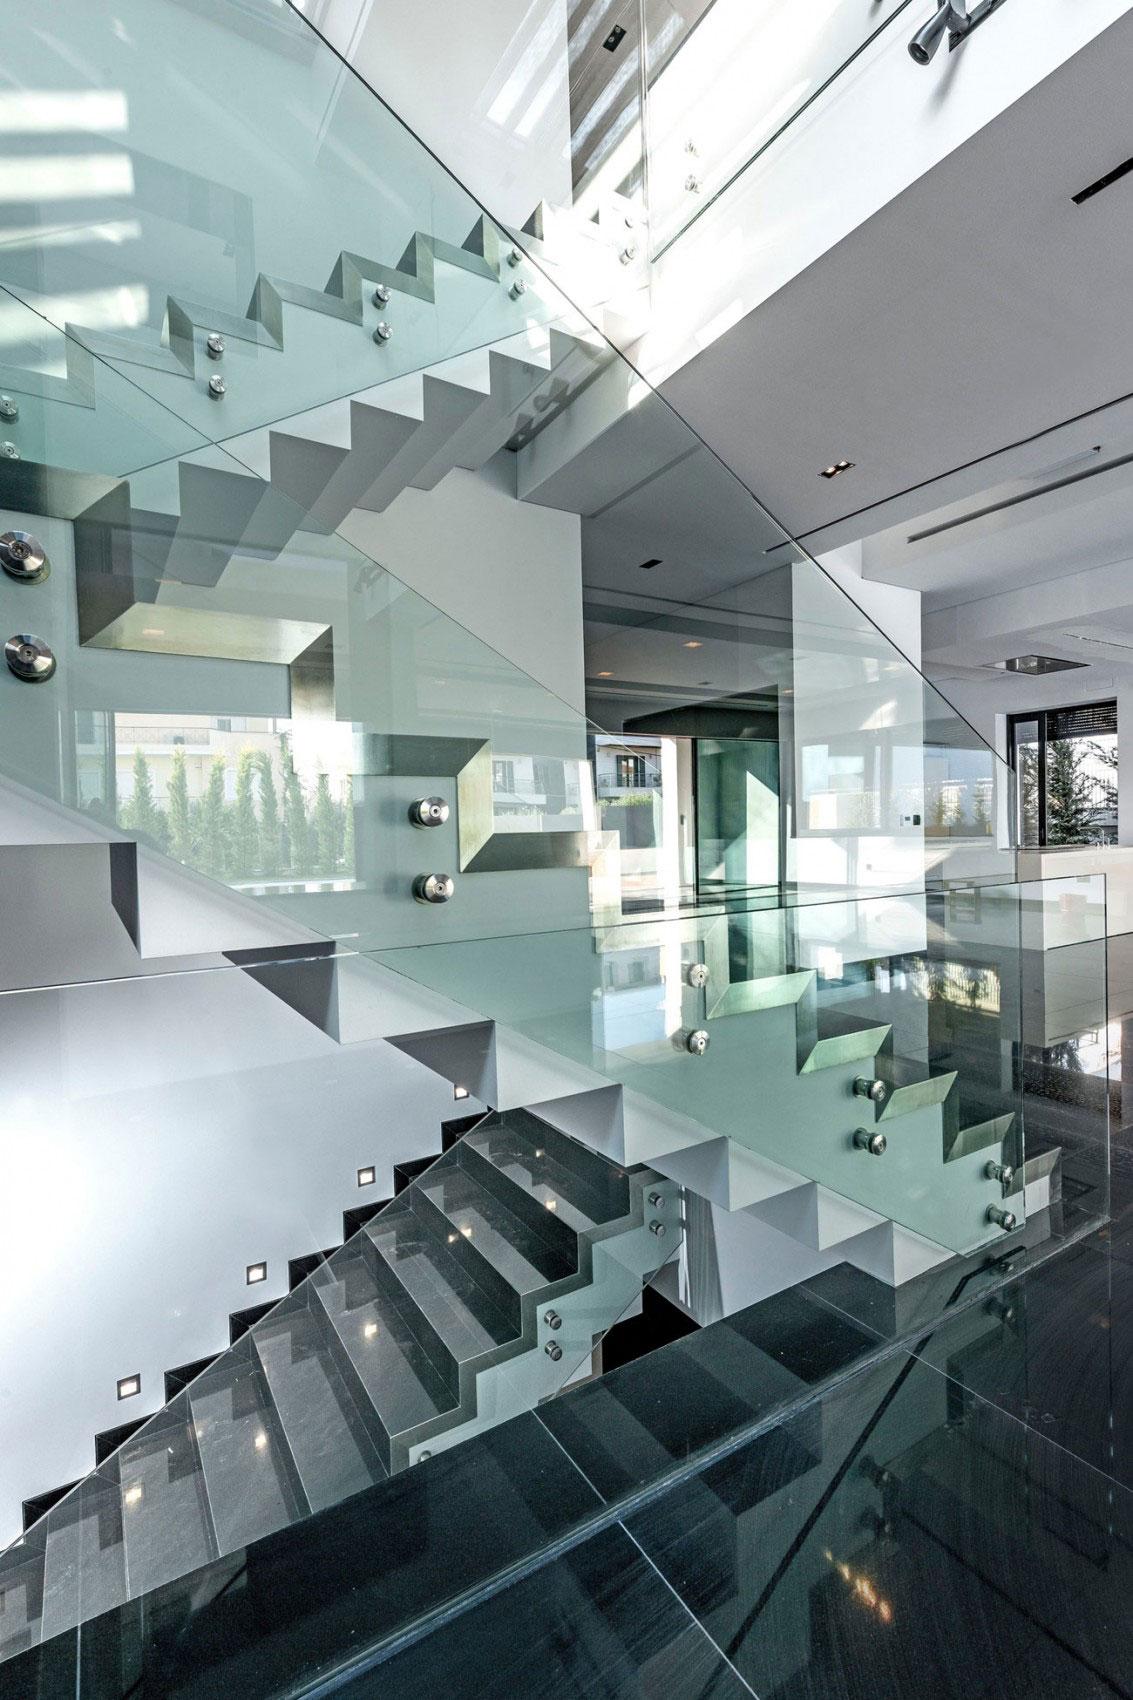 Modernt familjehus av Dolihos Architects-8 Modernt familjehus av Dolihos Architects